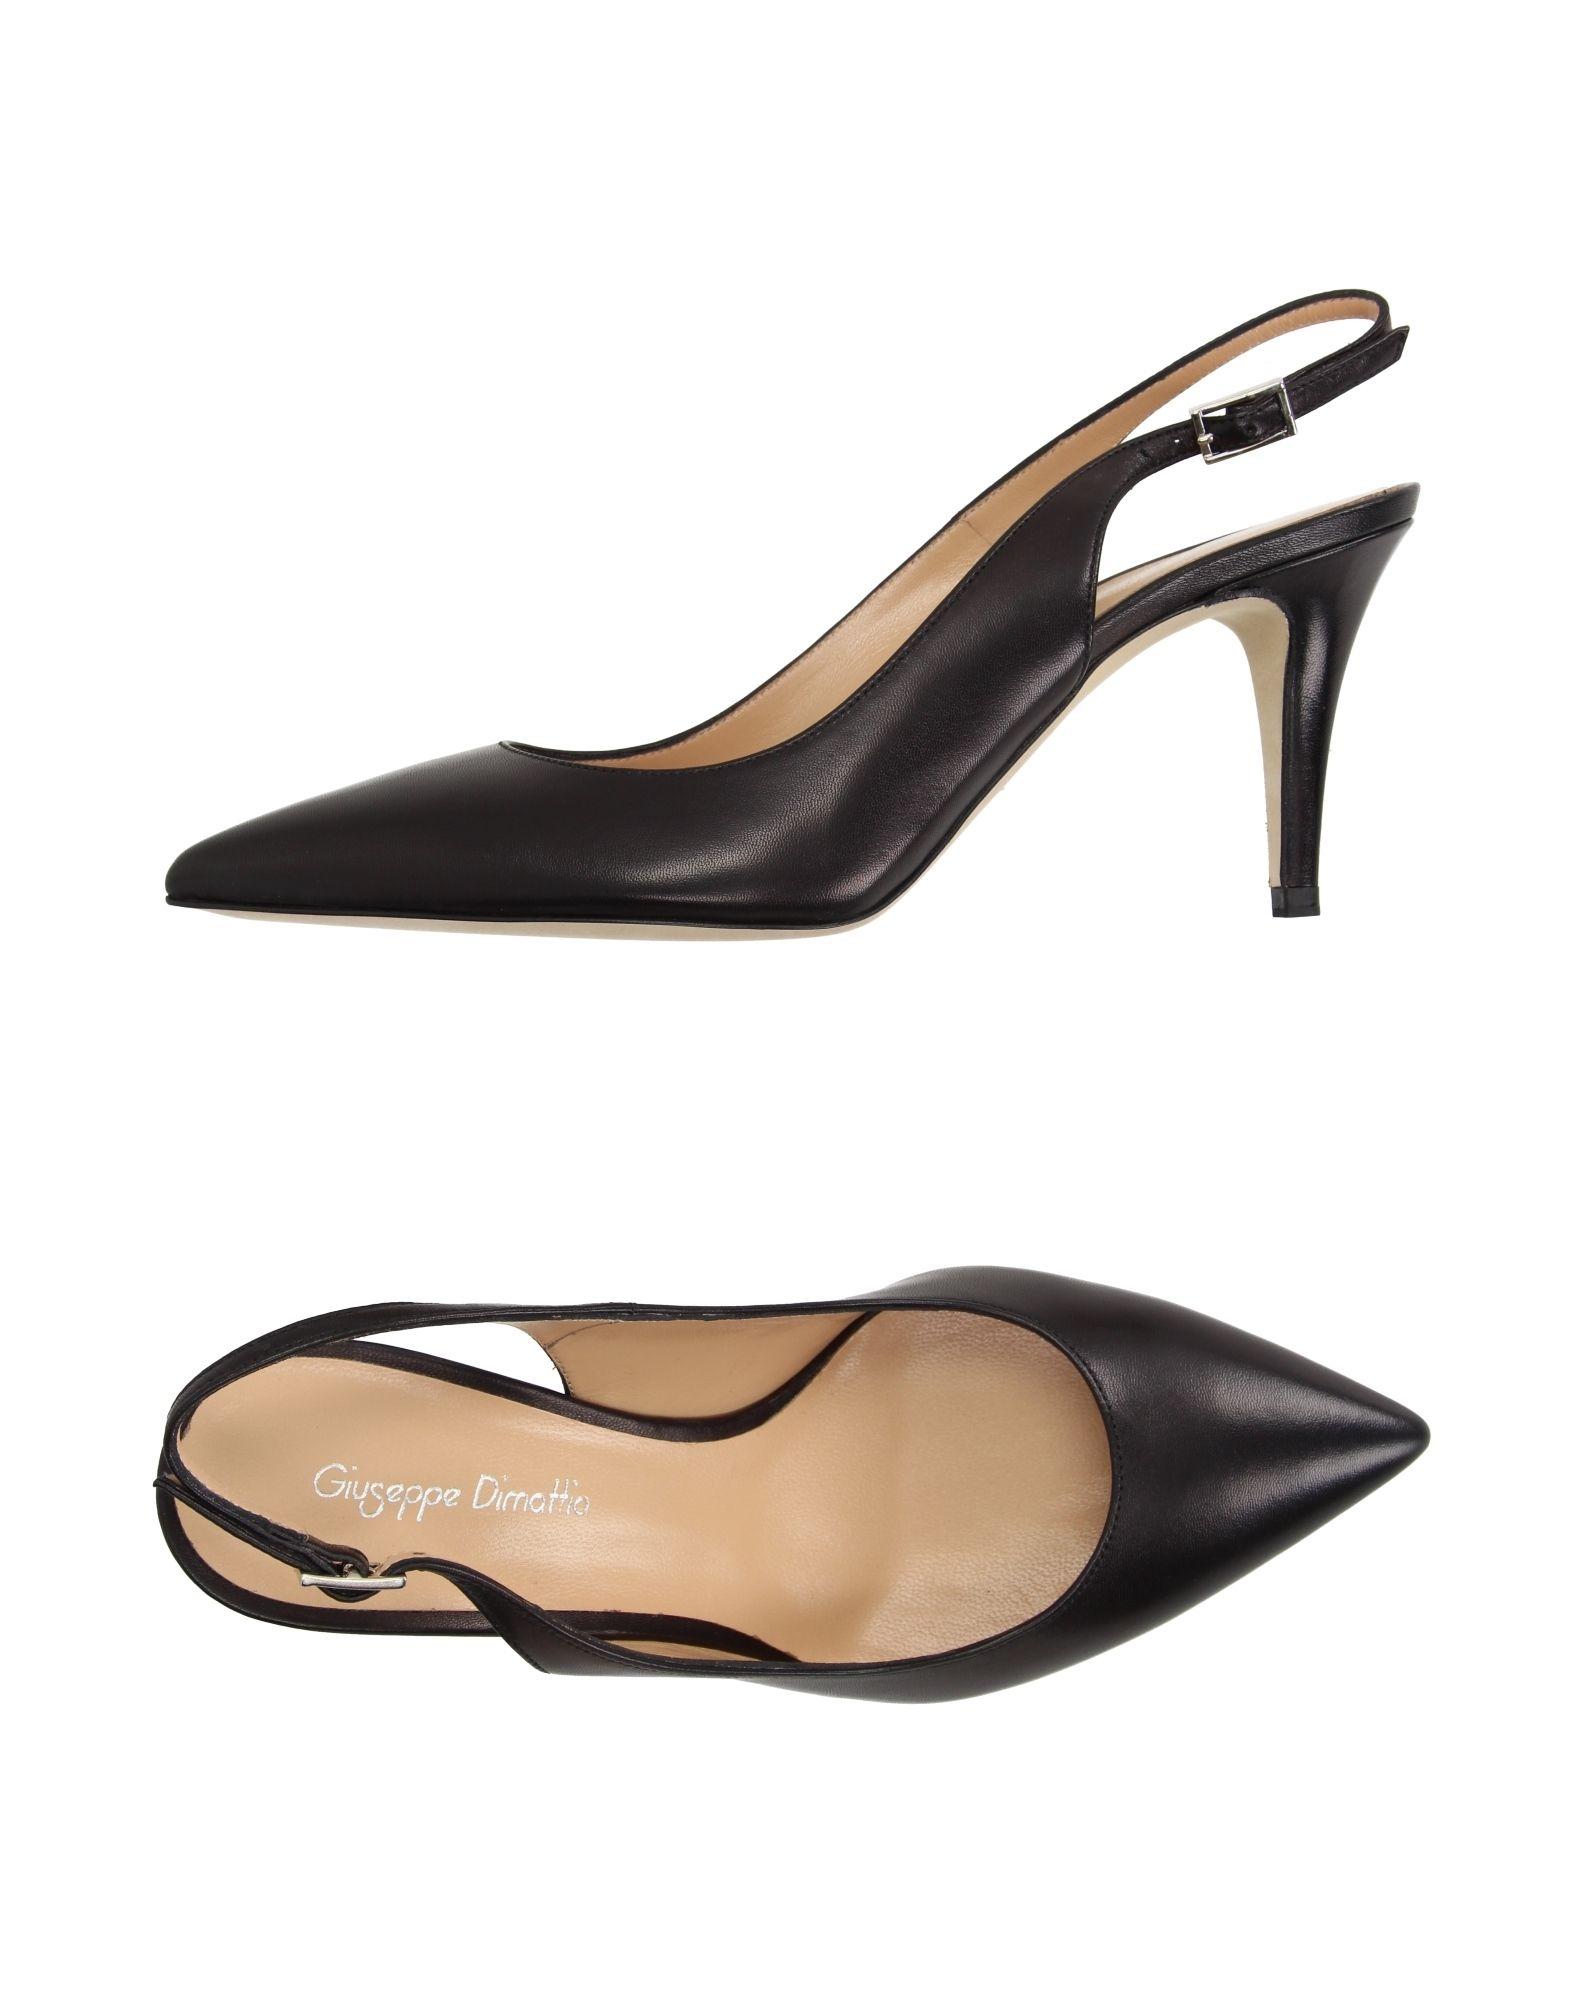 Dimattia Pumps Damen  11196135VK Gute Schuhe Qualität beliebte Schuhe Gute 7d484d